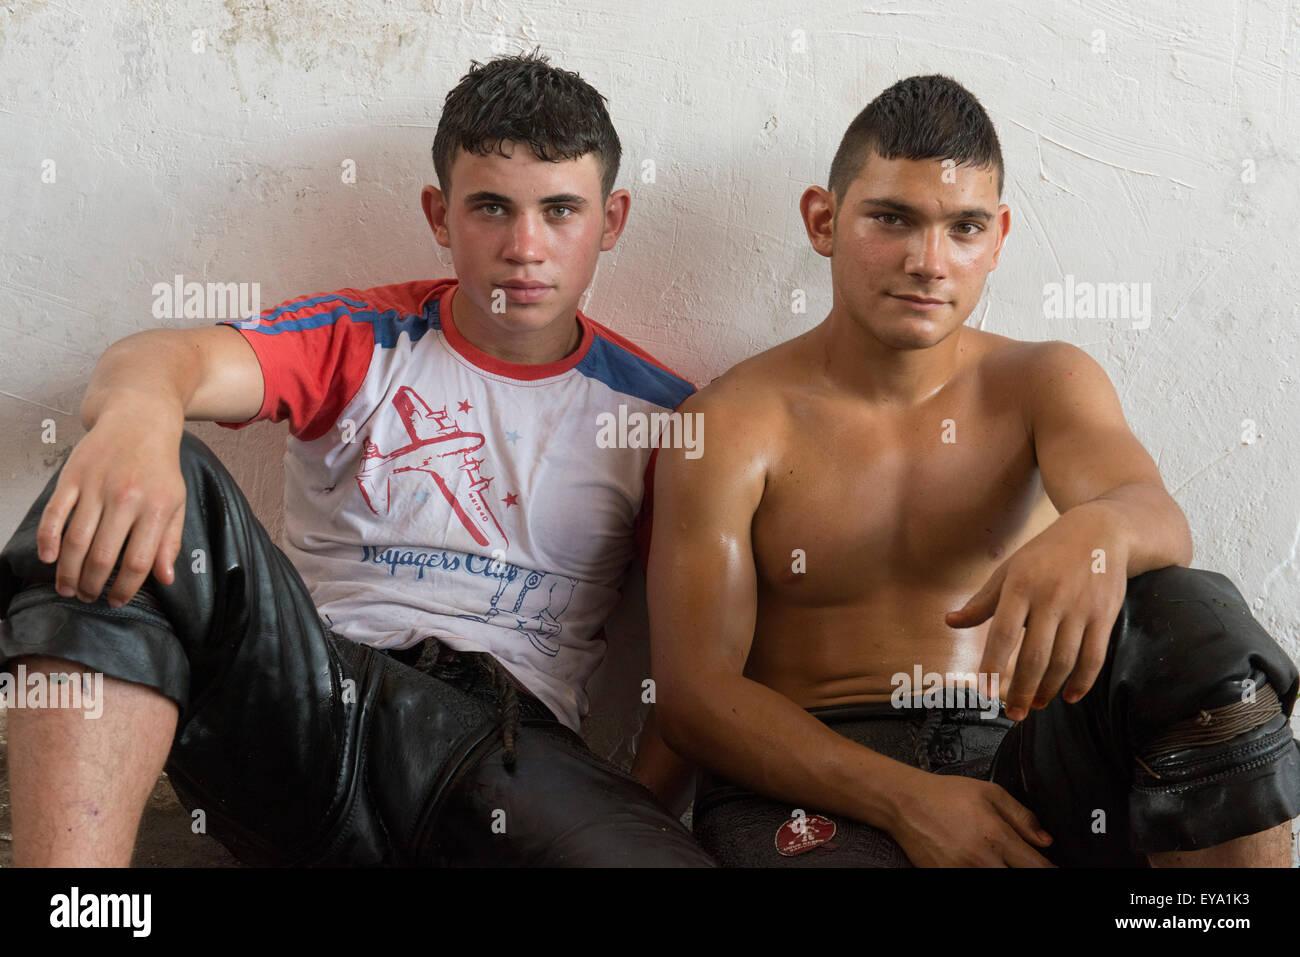 Il lottatore lottatori Kirkpinar olio campionati di wrestling, Edirne, Turchia Foto Stock